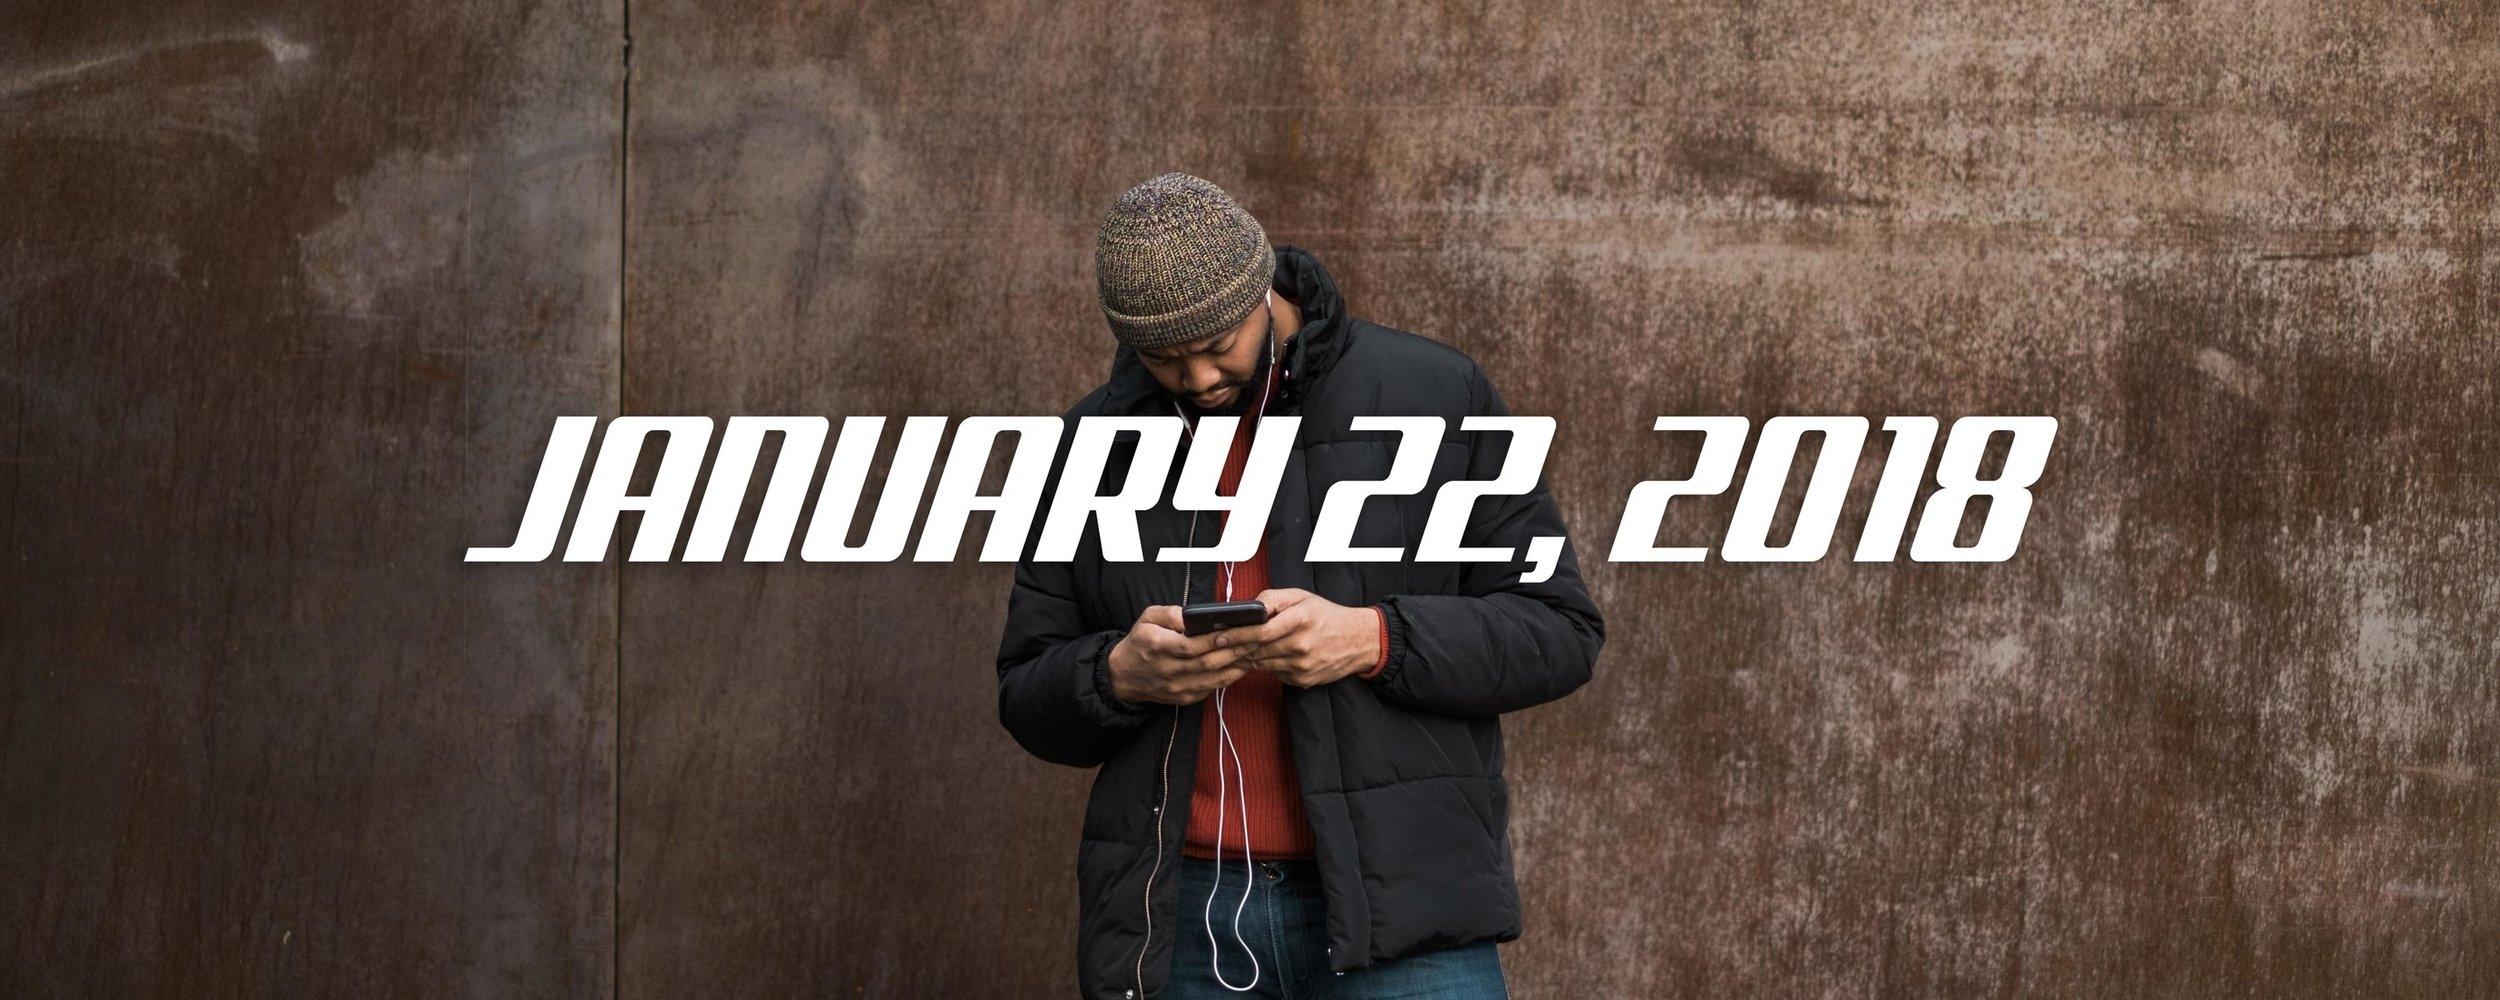 WEEKLY-COVER-01-22-18.jpg